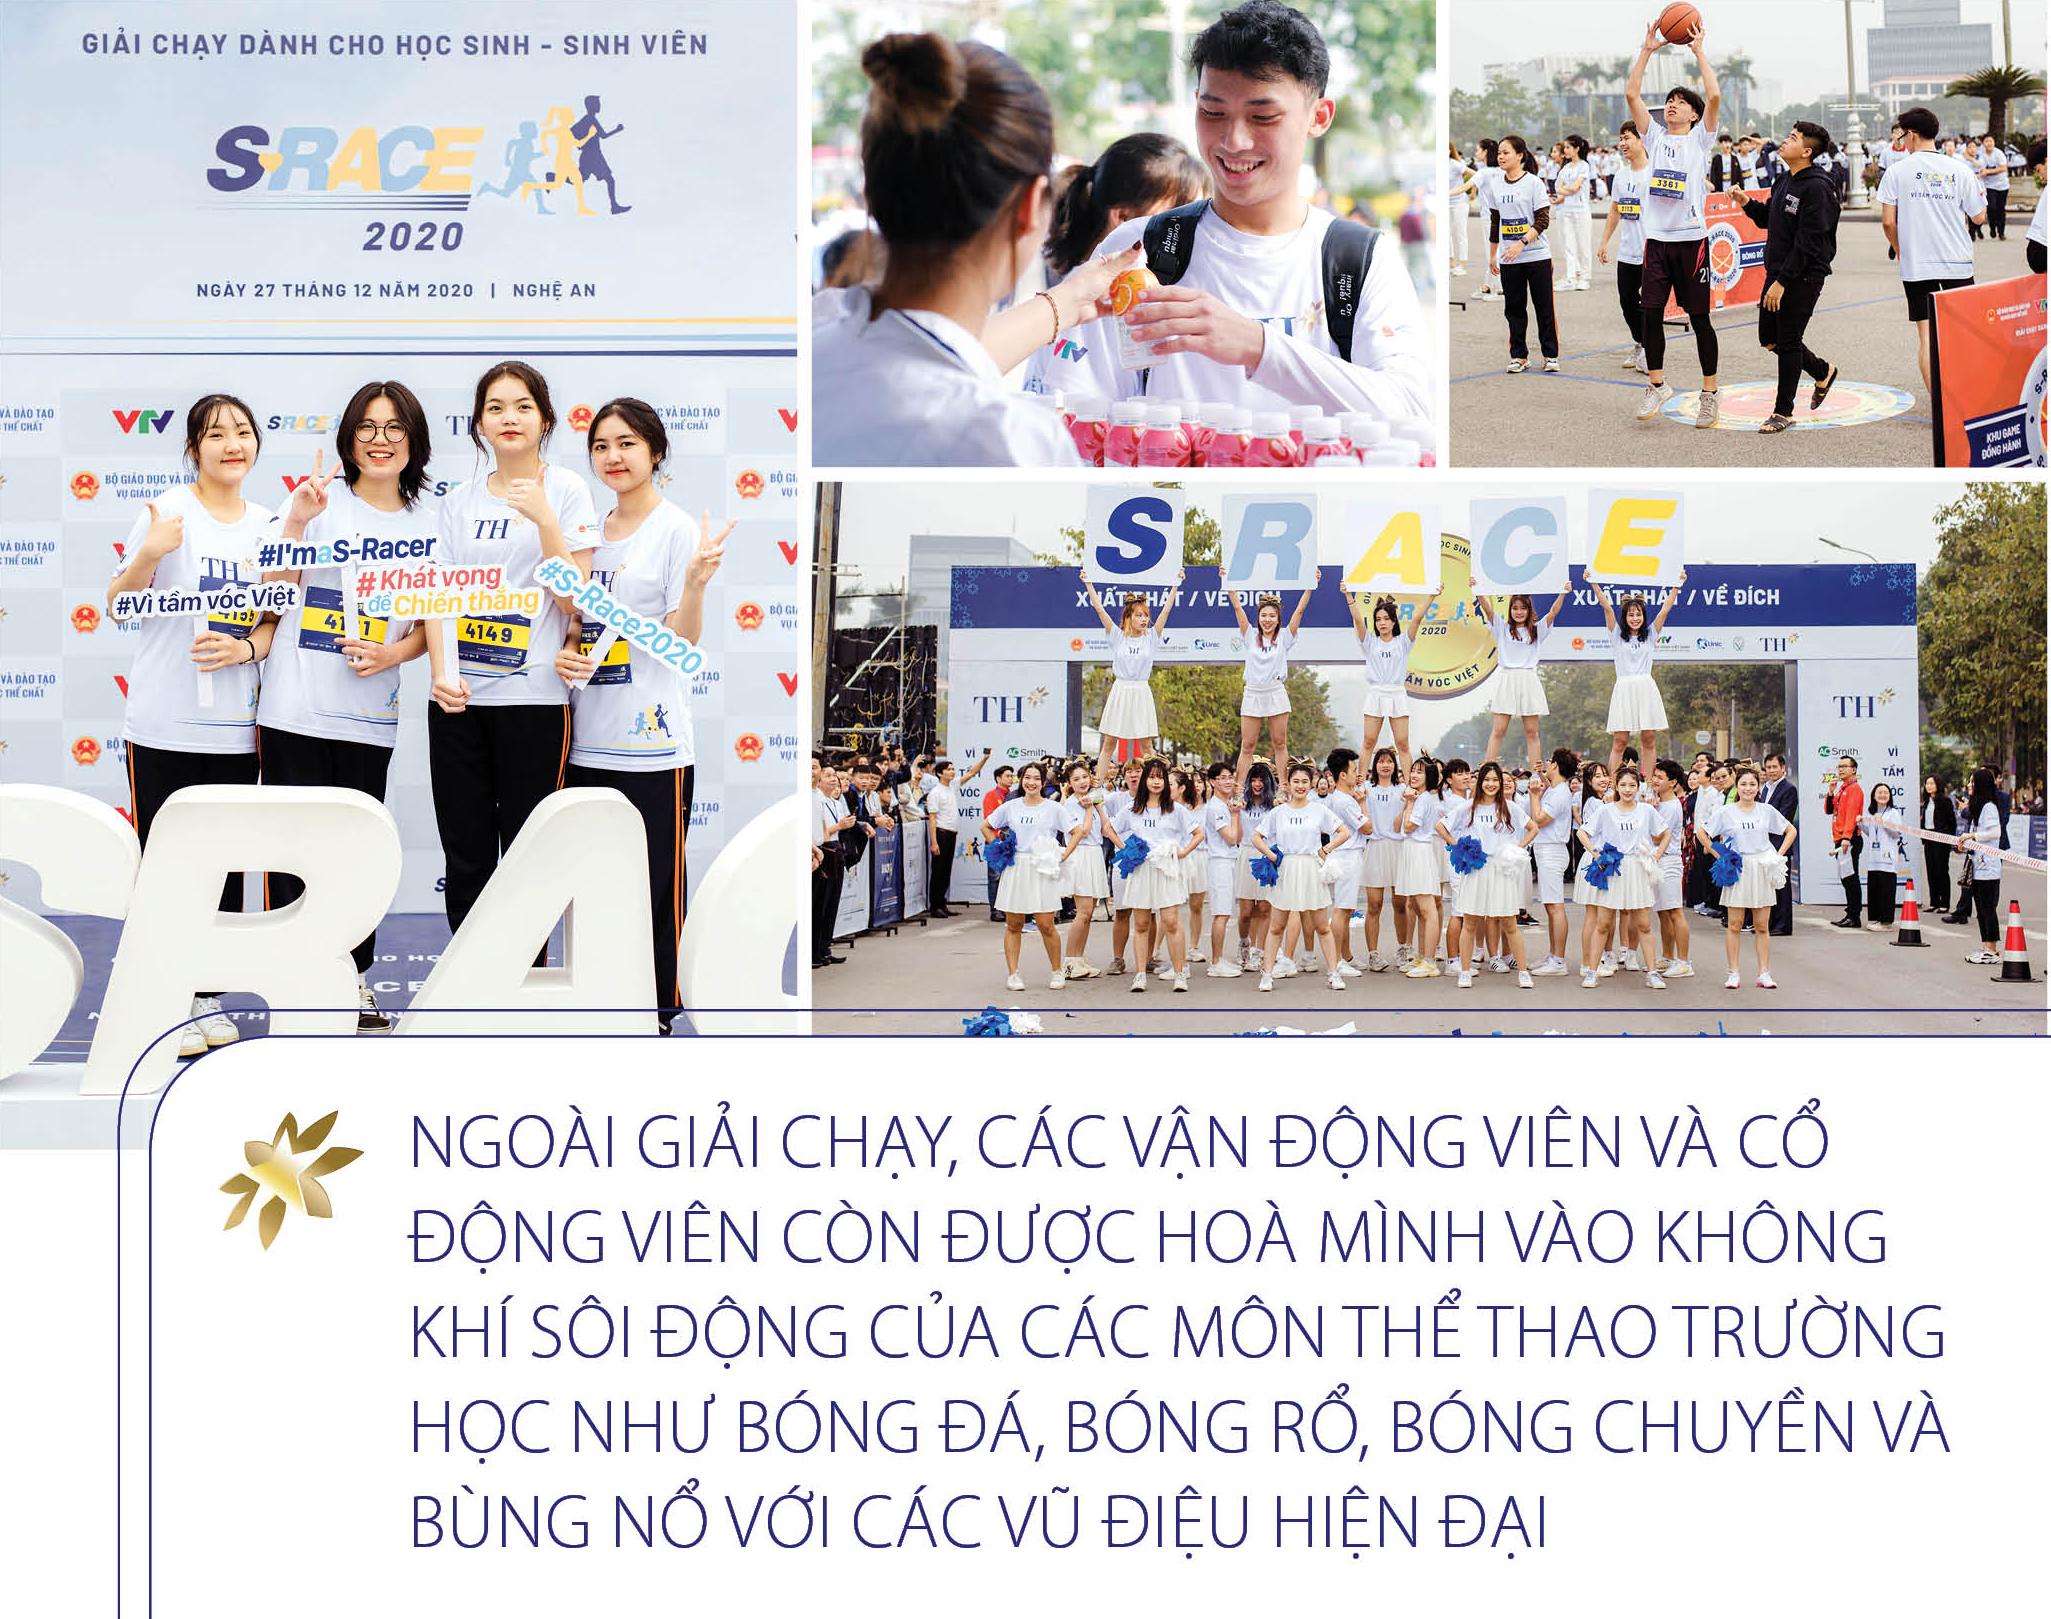 S-RACE – Bước chạy đà cho chiến lược sức khỏe học đường  - ảnh 3